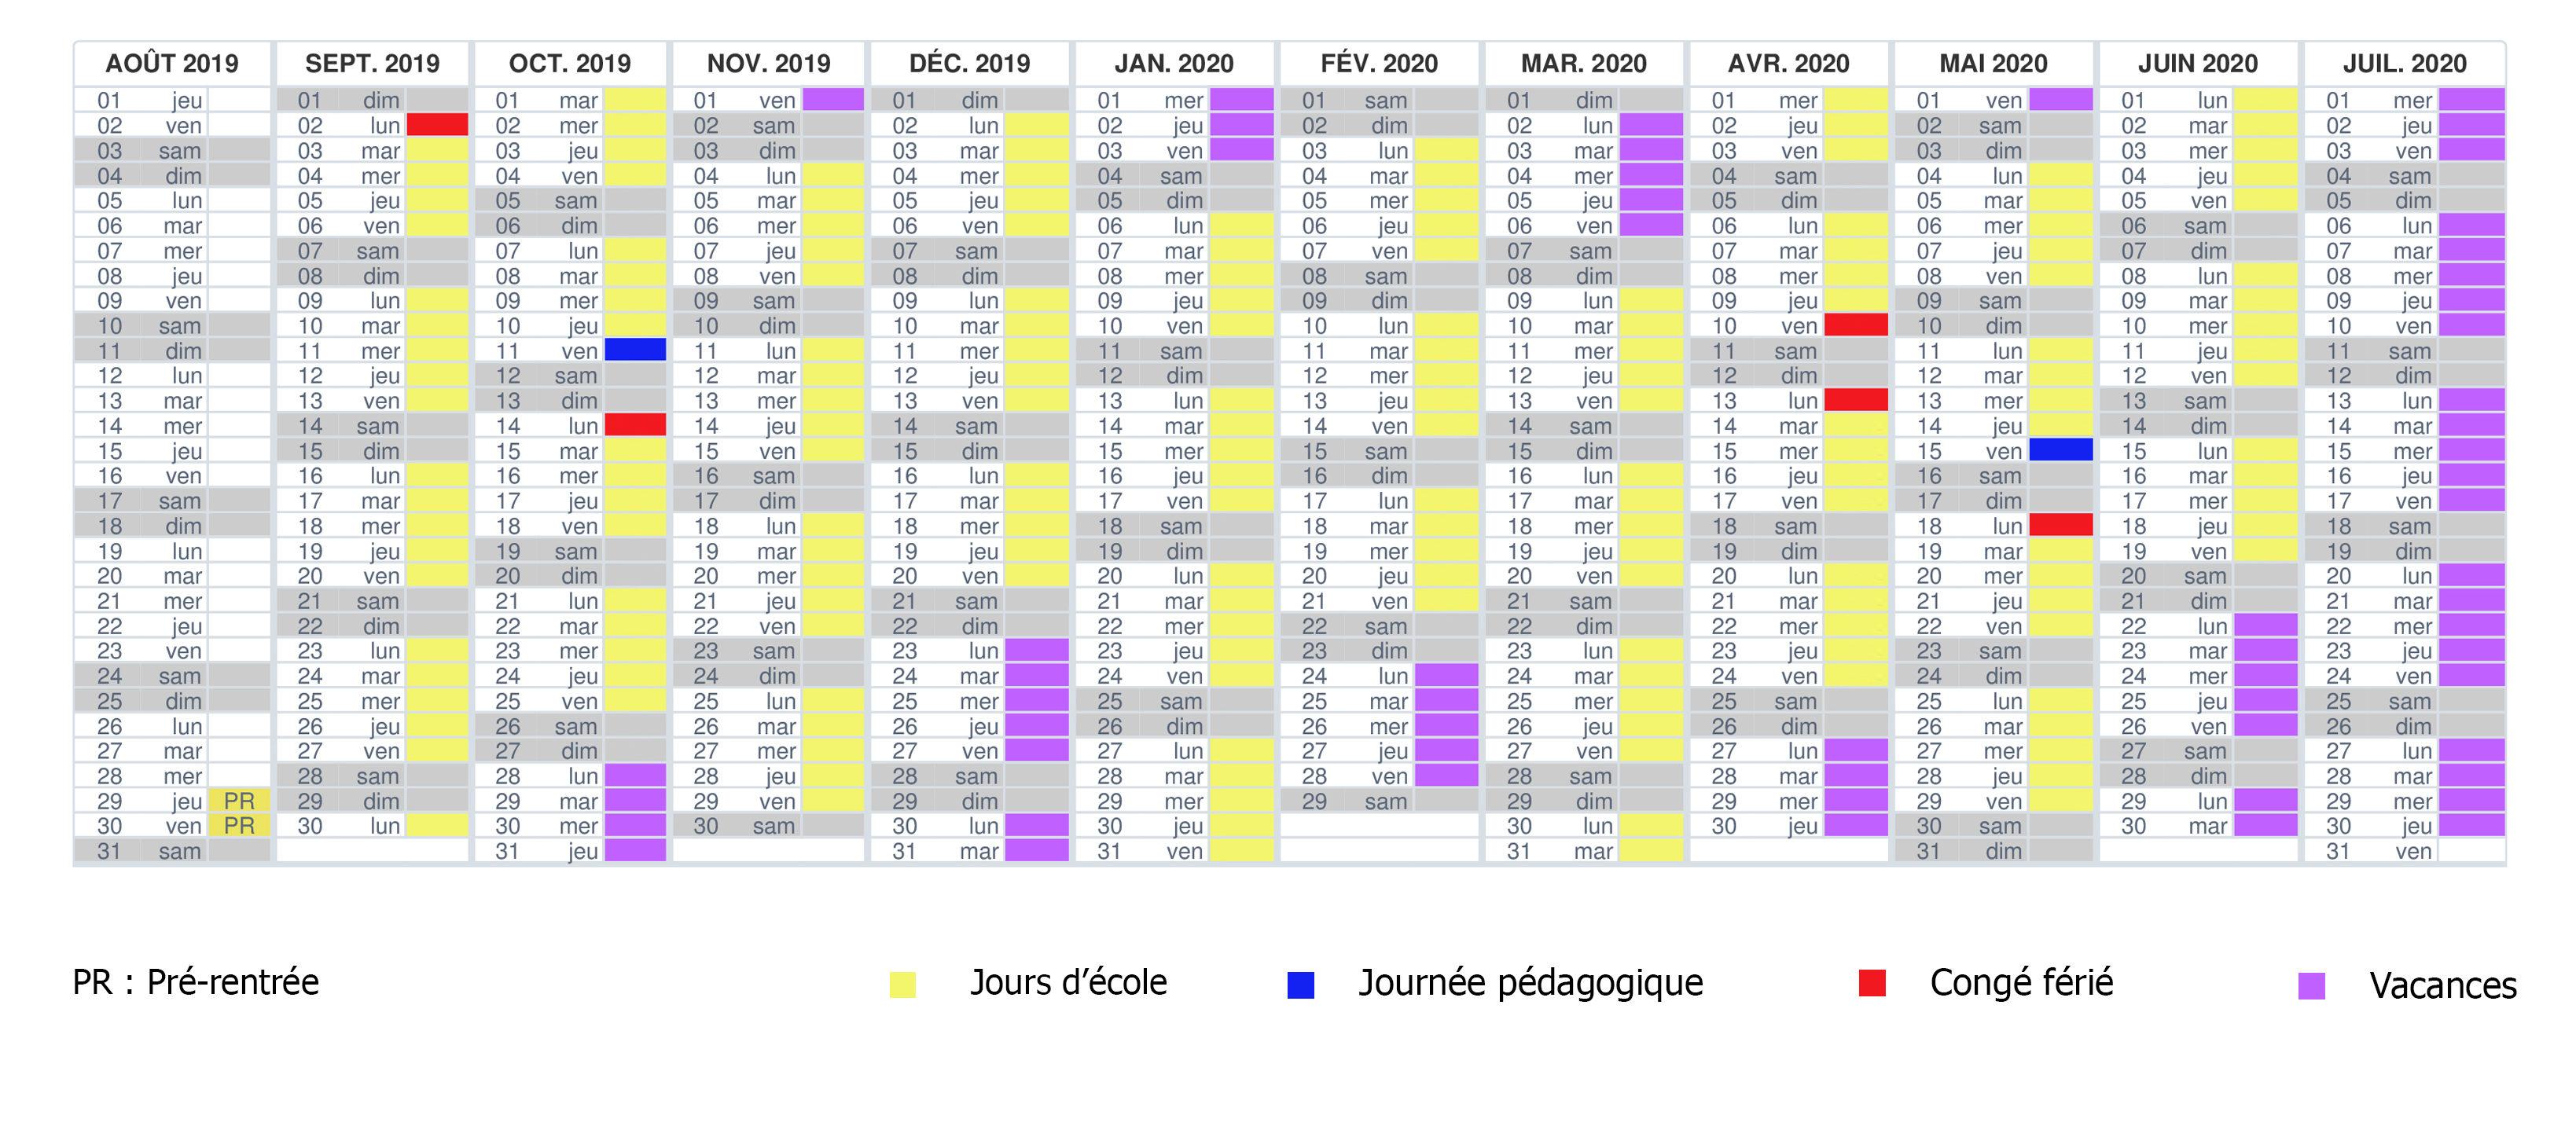 Calendrier Pedagogique.Calendrier Scolaire Lycee Claudel L Ecole Francaise